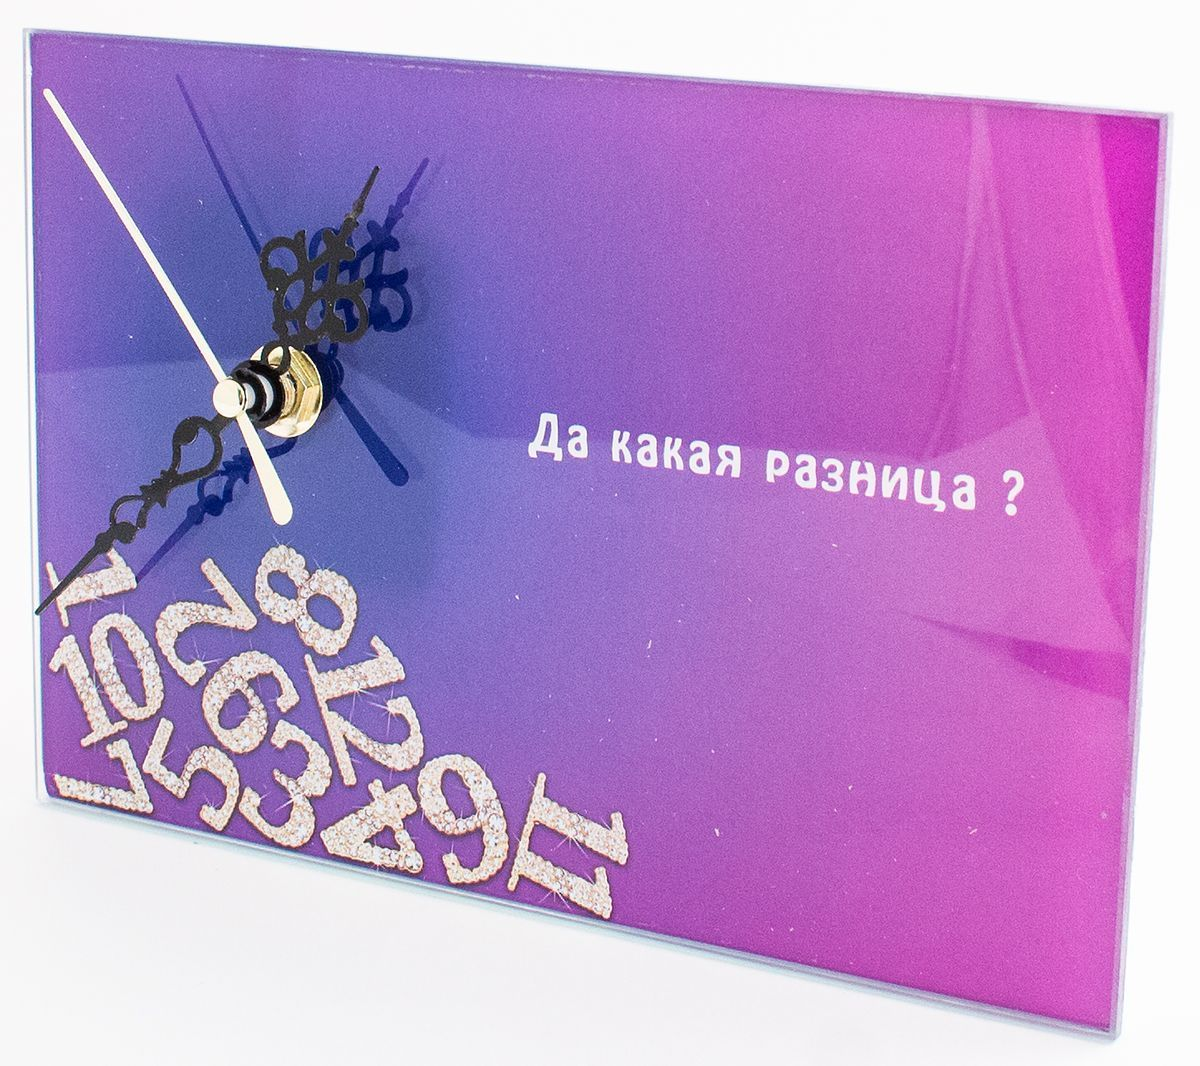 Часы настольные Эврика Да Какая Разница, стеклянные, 18 х 12 х 2 см98098Часы настольные стеклянные с механизмом бесшумного хода (не тикают) в белой картонной коробке. Размеры упаковки: 20 х 12 х 4 см. Элемент питания: 1хАА (1,5В).